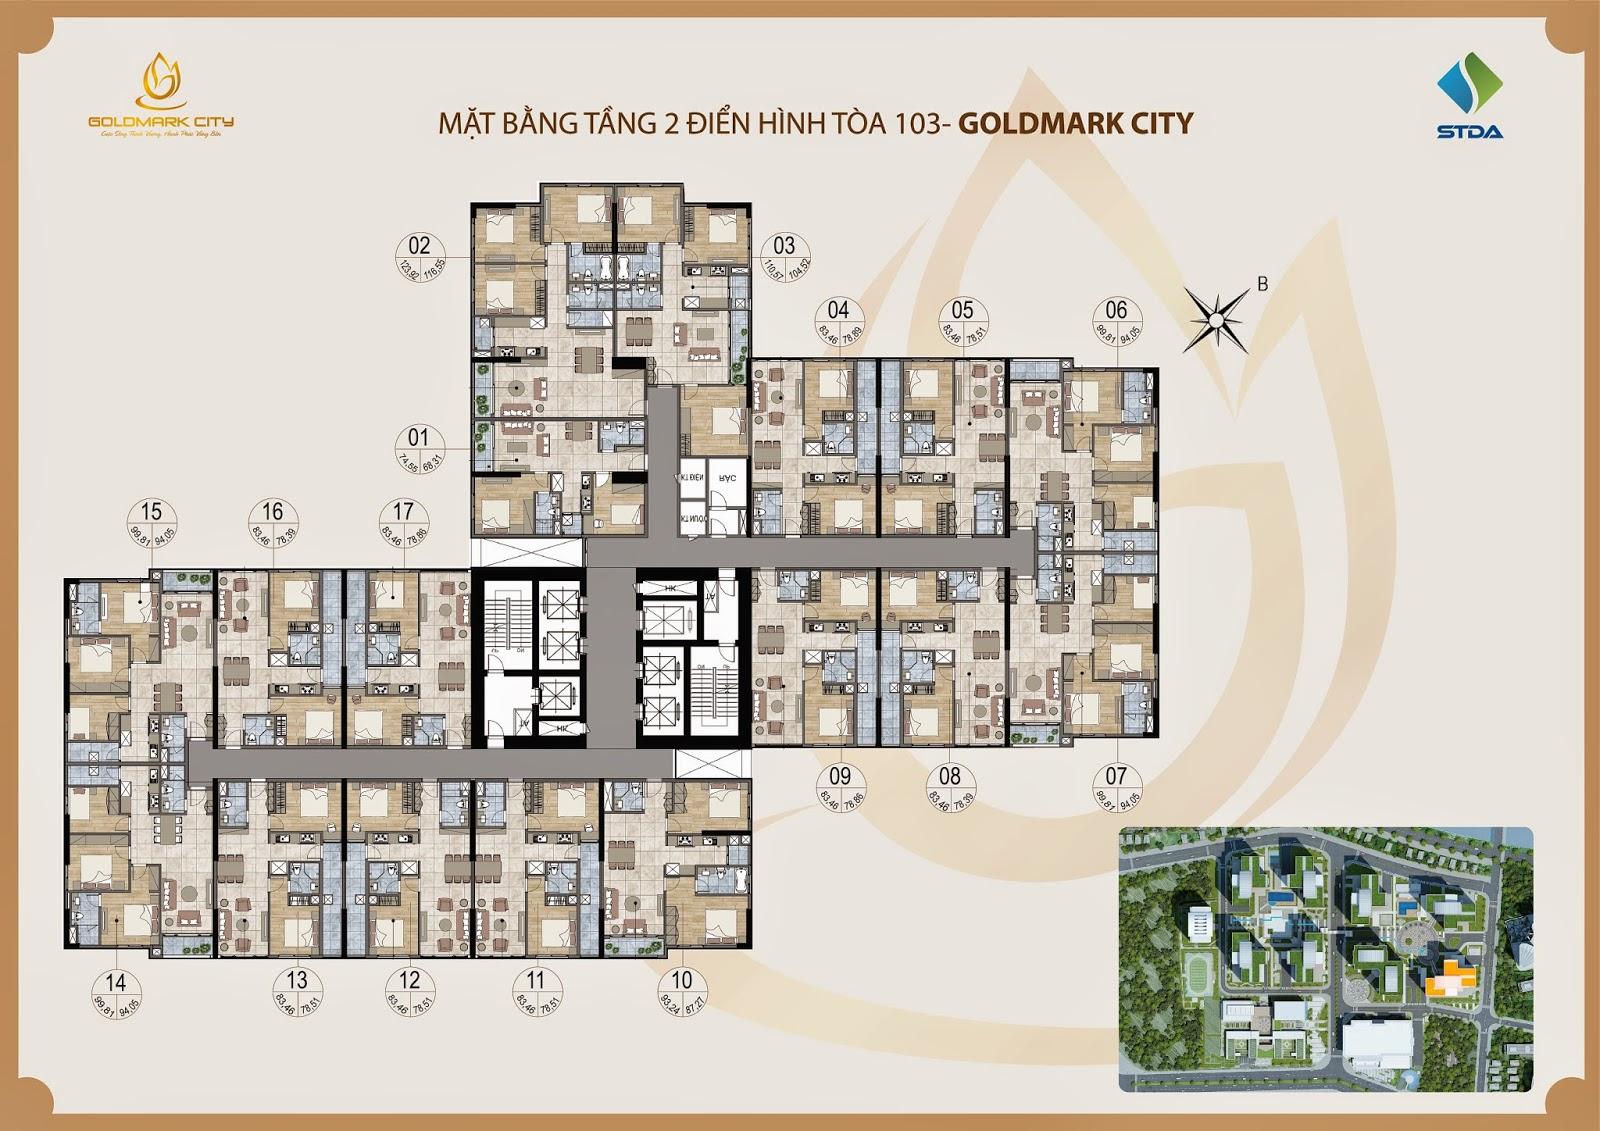 Chung Cư Goldmark City Tòa 103